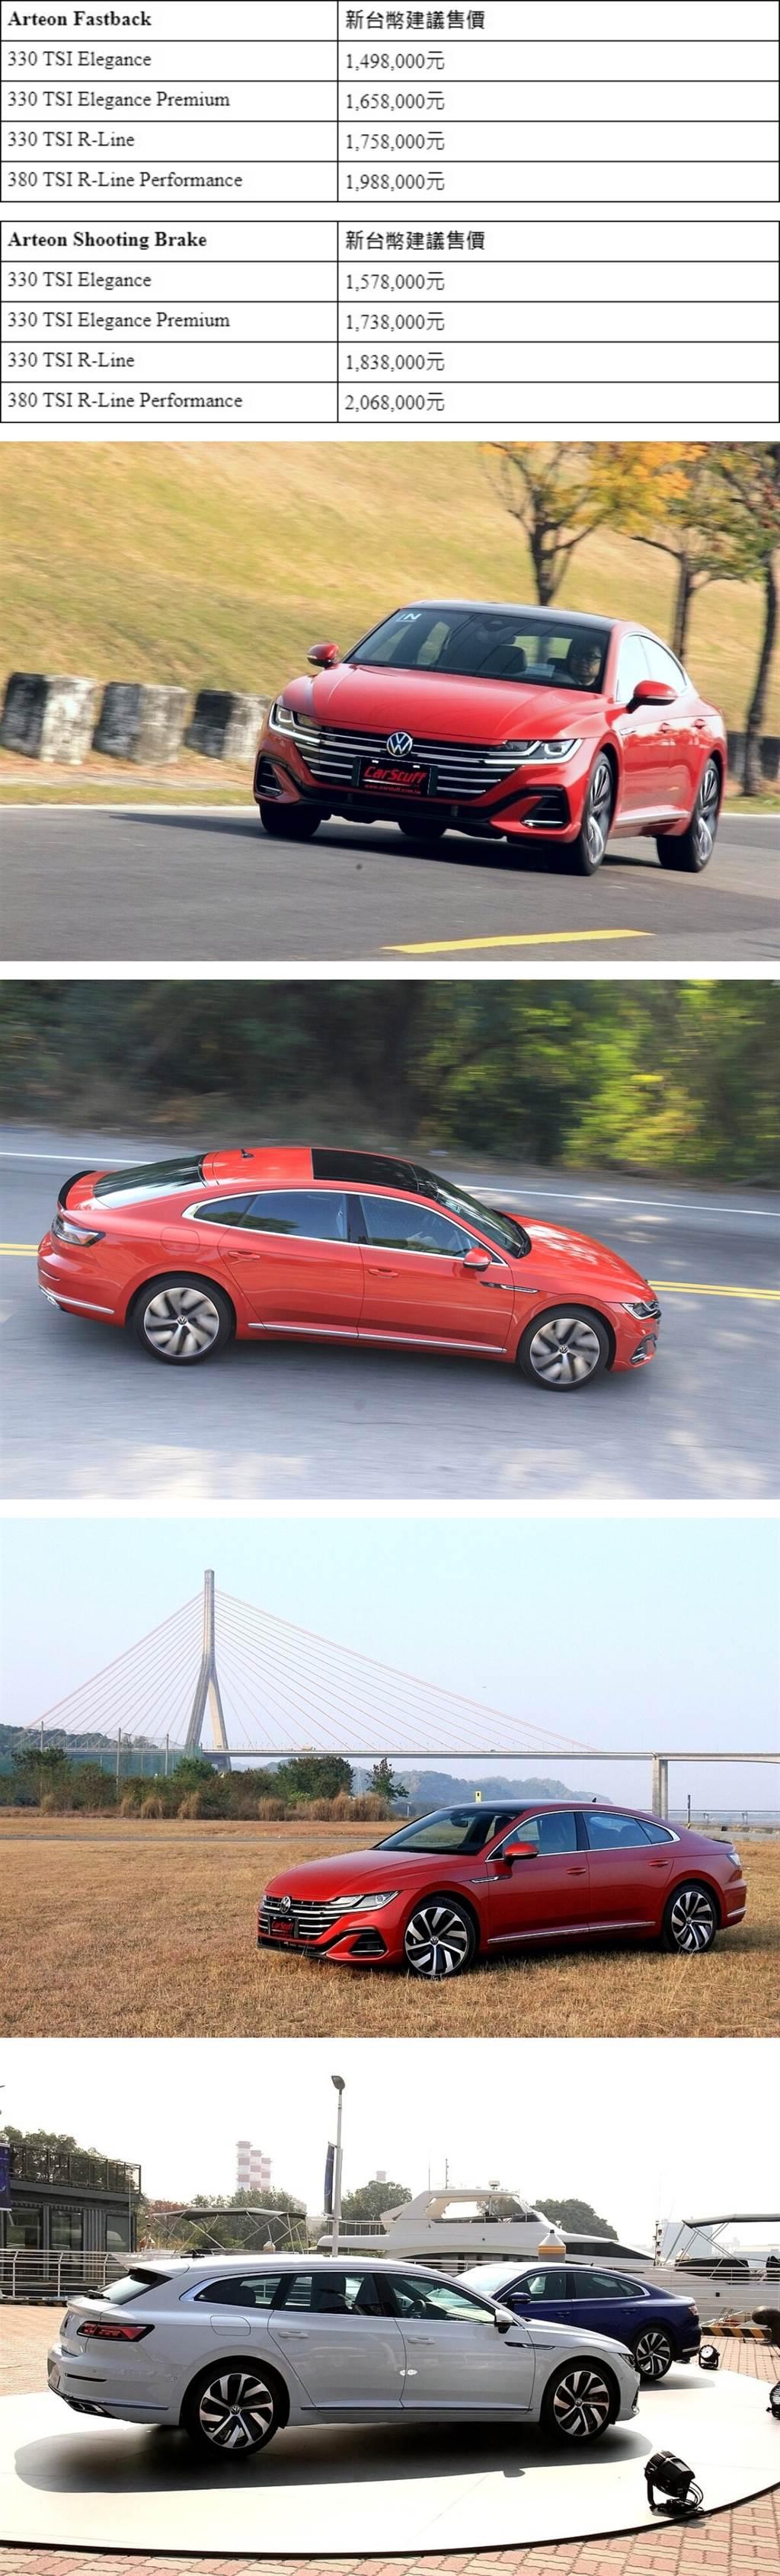 Passat Variant不再引進之後,就讓消費者的目光更多轉移至Arteon Shooting Brake,目前訂購Arteon的消費者約有七成都是選擇此車型,除了同動力規格價格差距八萬與車尾造型之外,還有行李箱容積的差別,Shooting Brake的最大行李容積可隨後座椅背倒下增加至1632公升(比Fastback多75升),但565升的標準容積其實只有多2升而已。